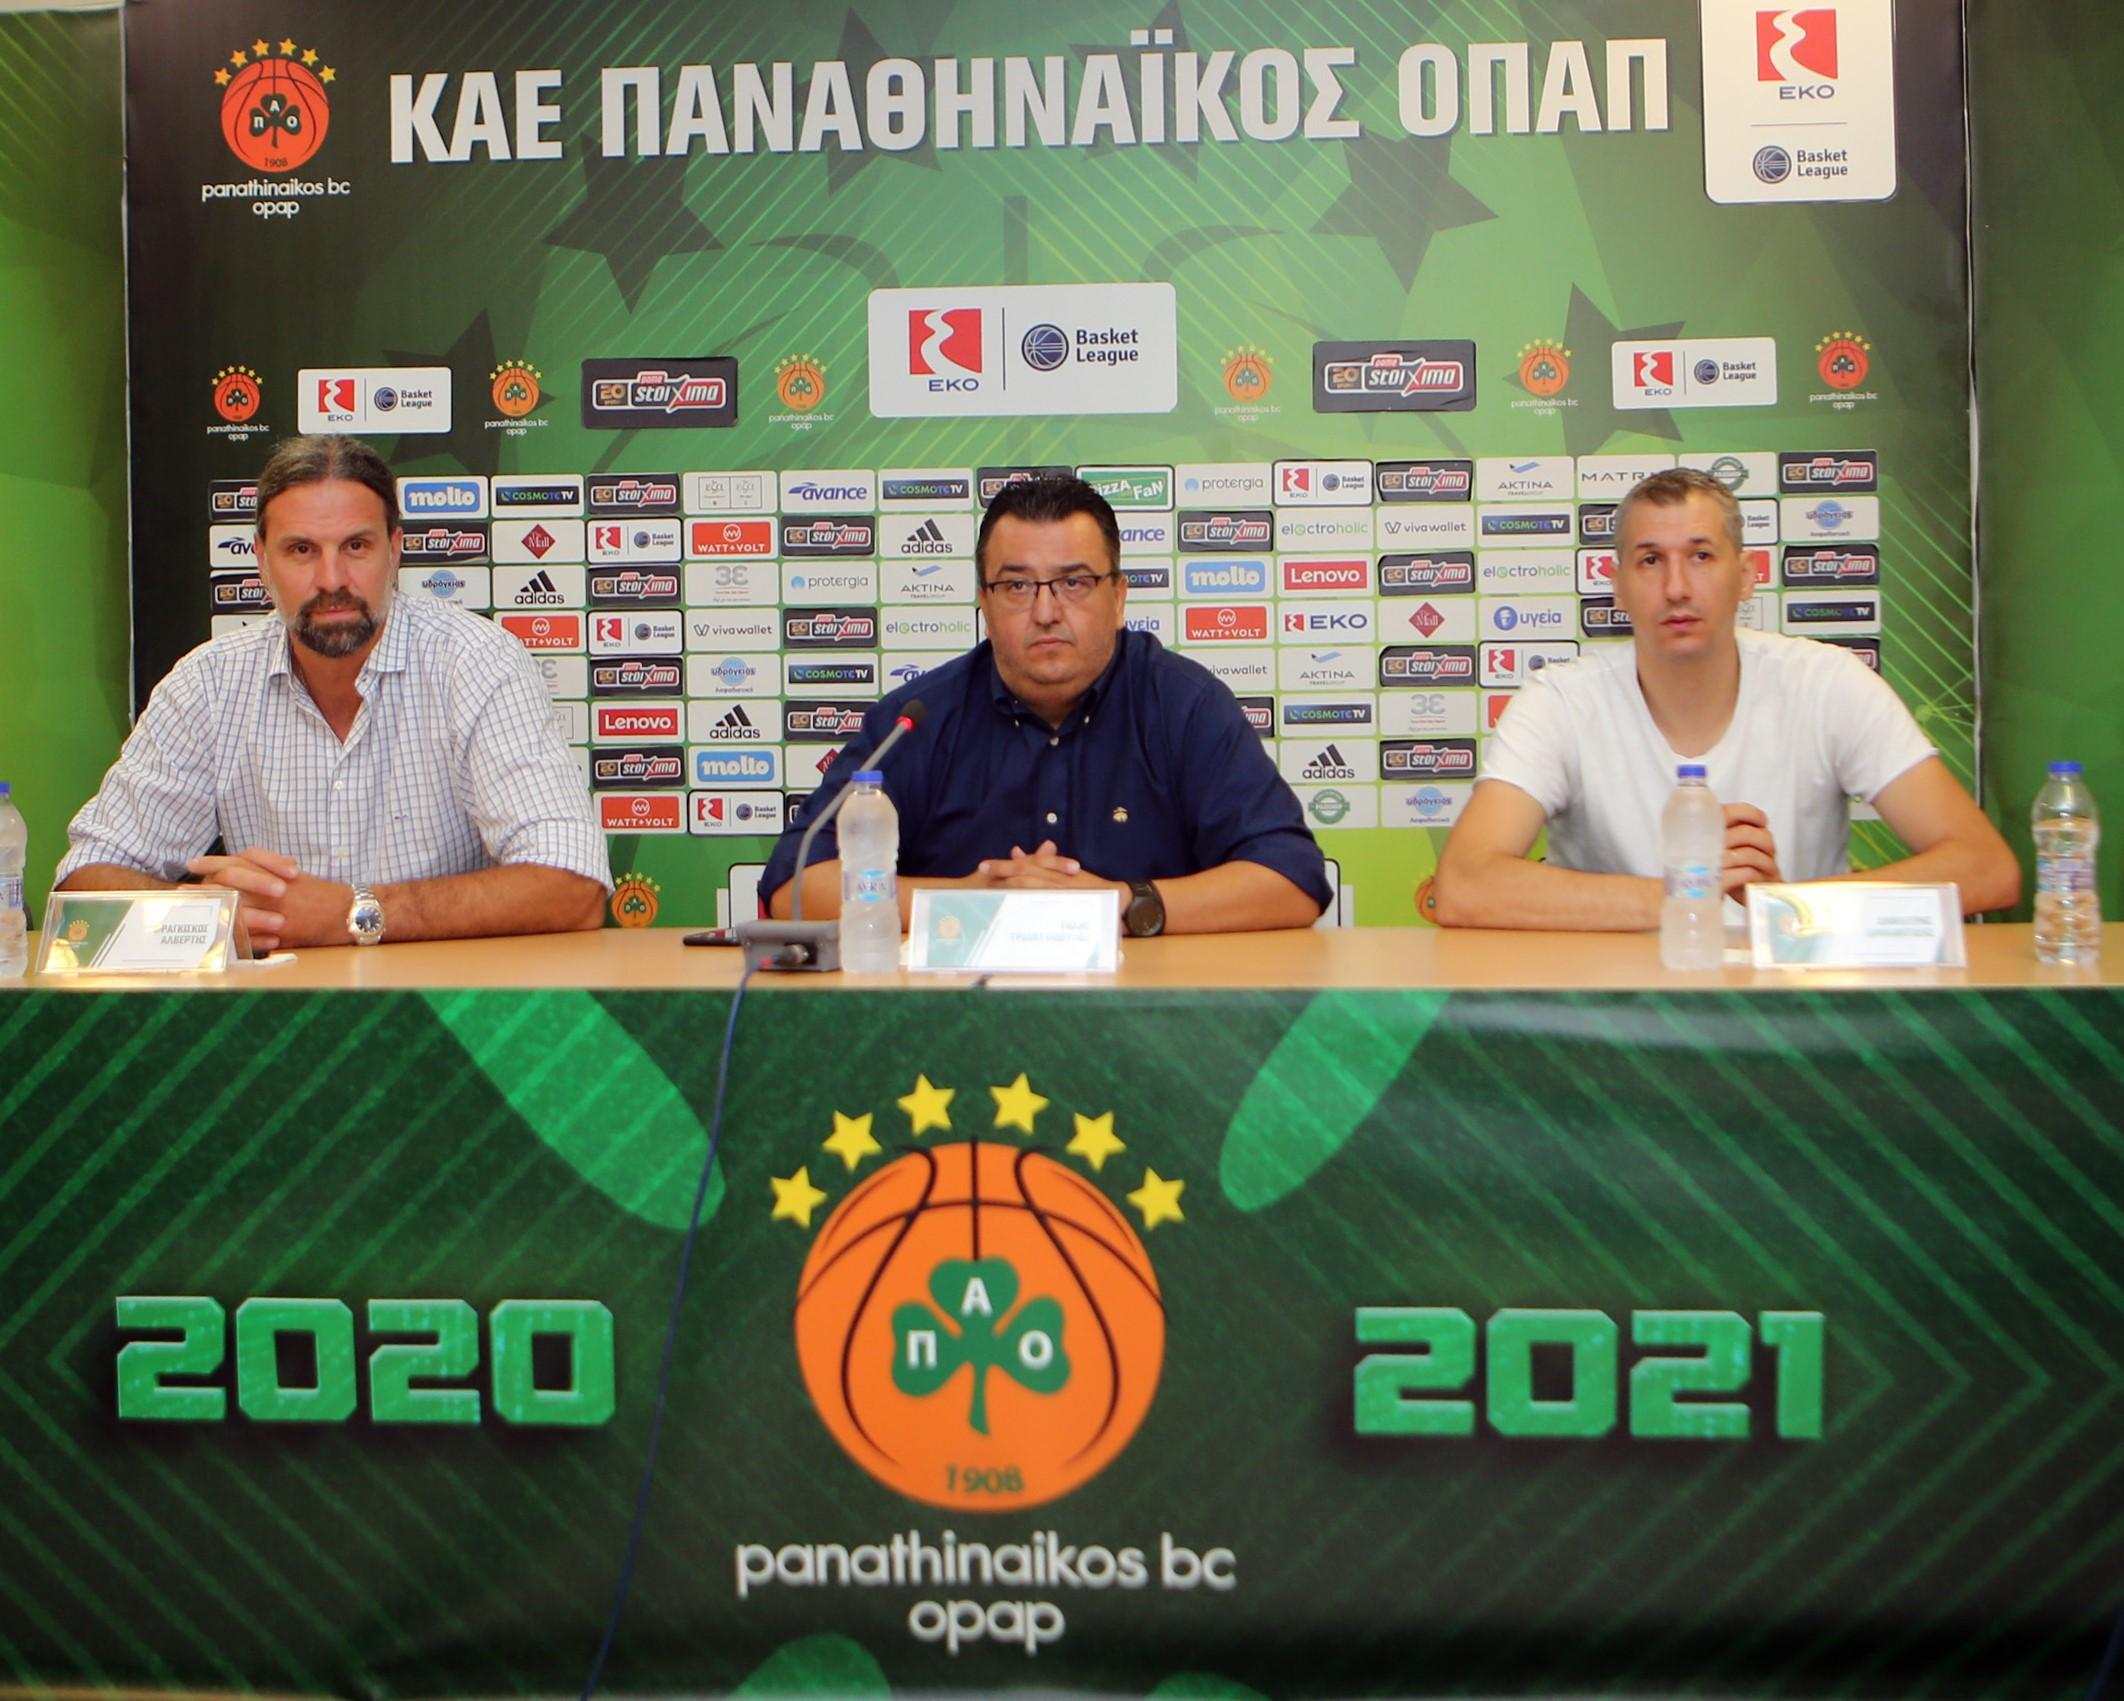 Παναθηναϊκός: Συνεχίζουν μαζί Τριαντόπουλος, Διαμαντίδης, Αλβέρτης | panathinaikos24.gr